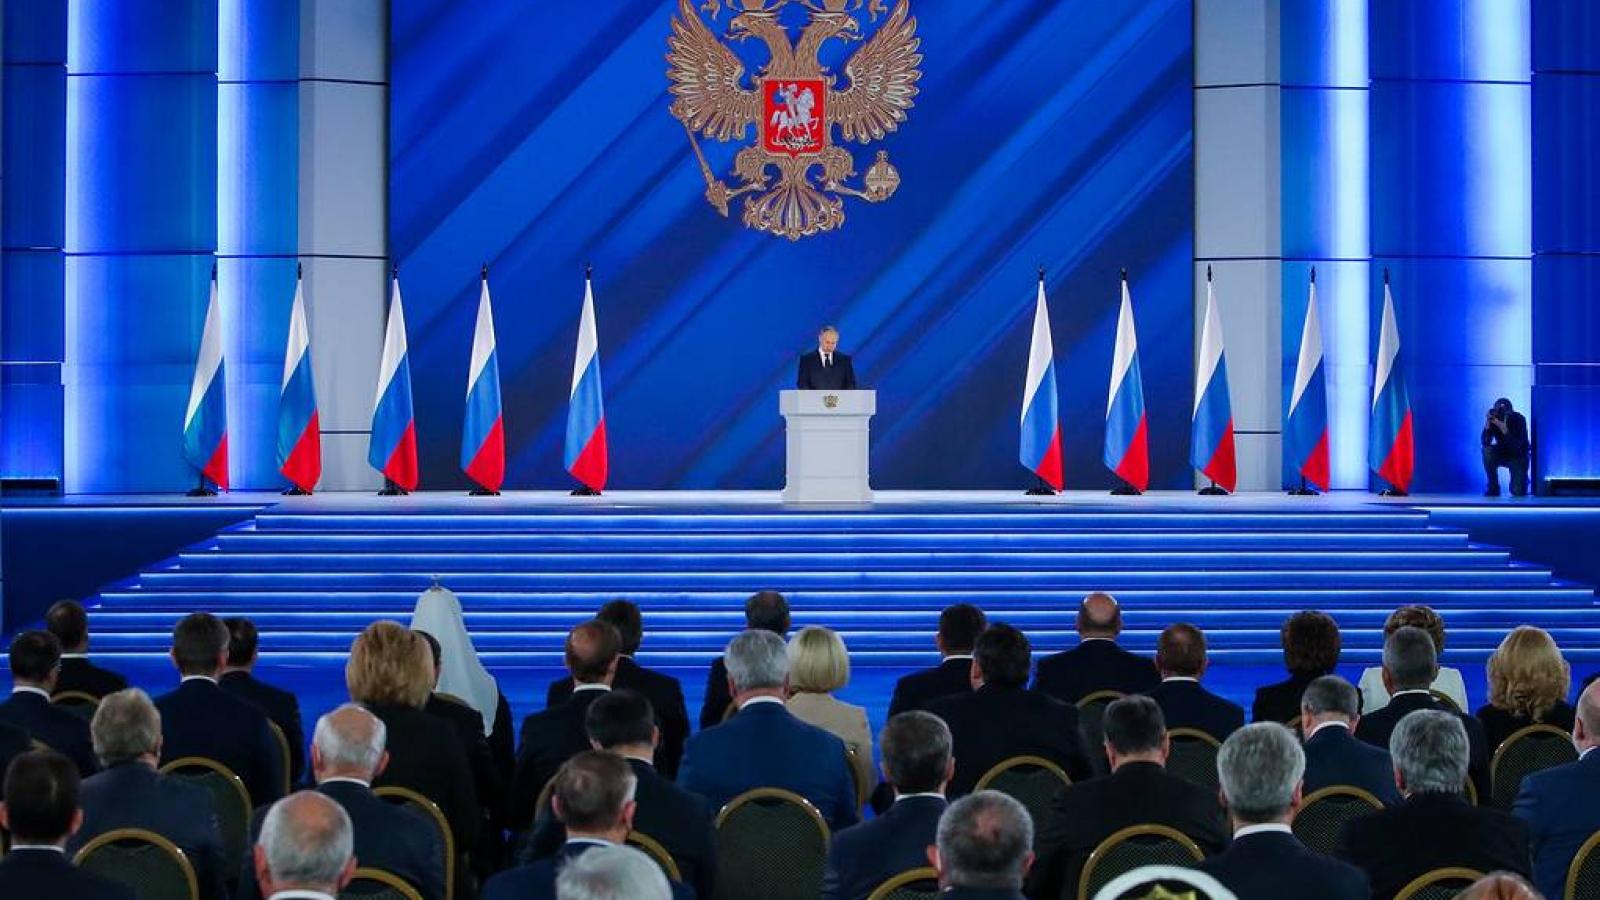 Thông điệp liên bang của Putin: Không đề cập Ukraine, vạch lằn ranh đỏ với phương Tây